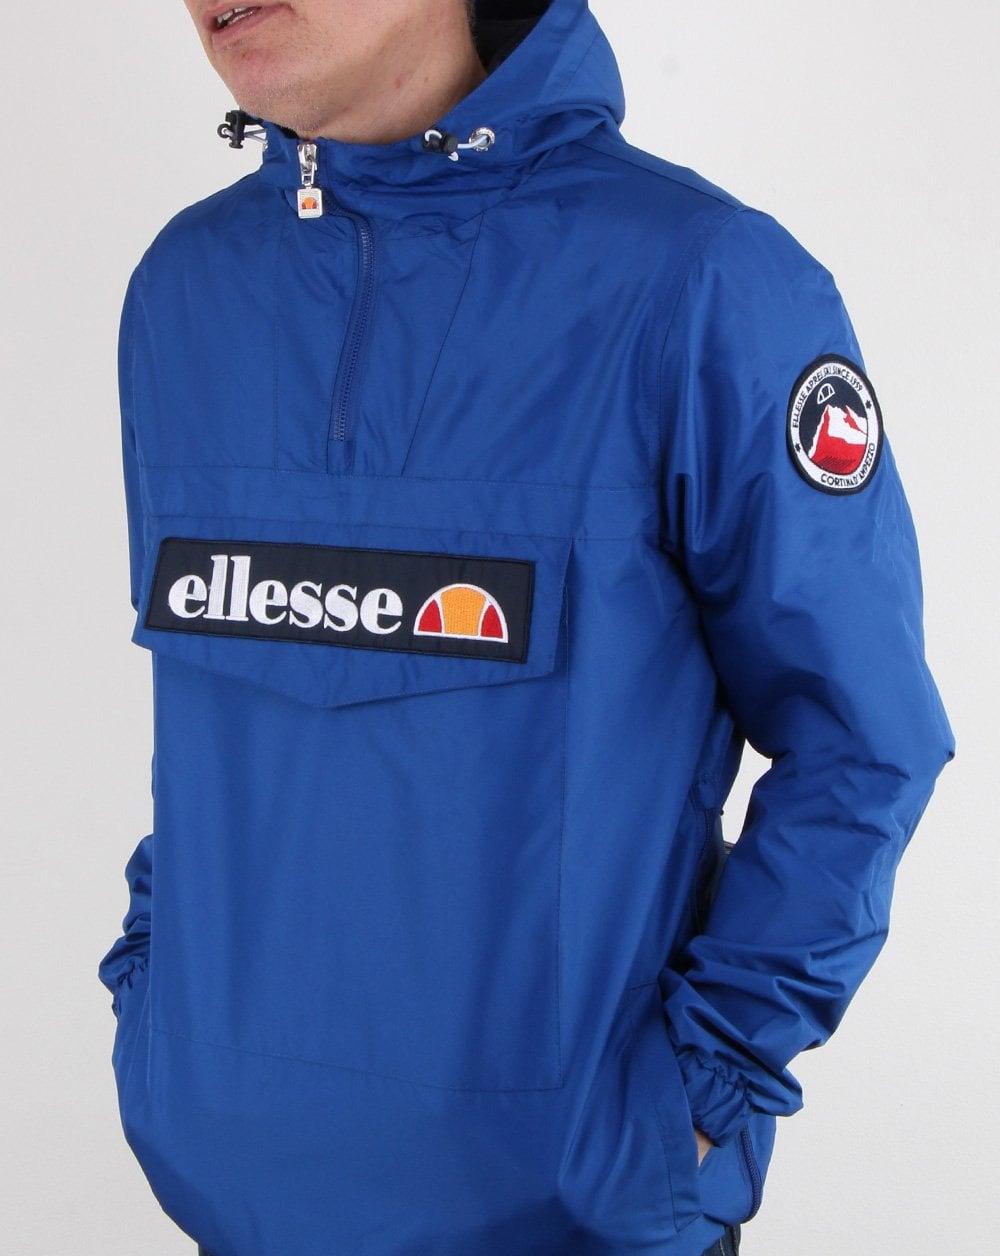 Ellesse Quarter Zip Overhead Jacket Royal Blue